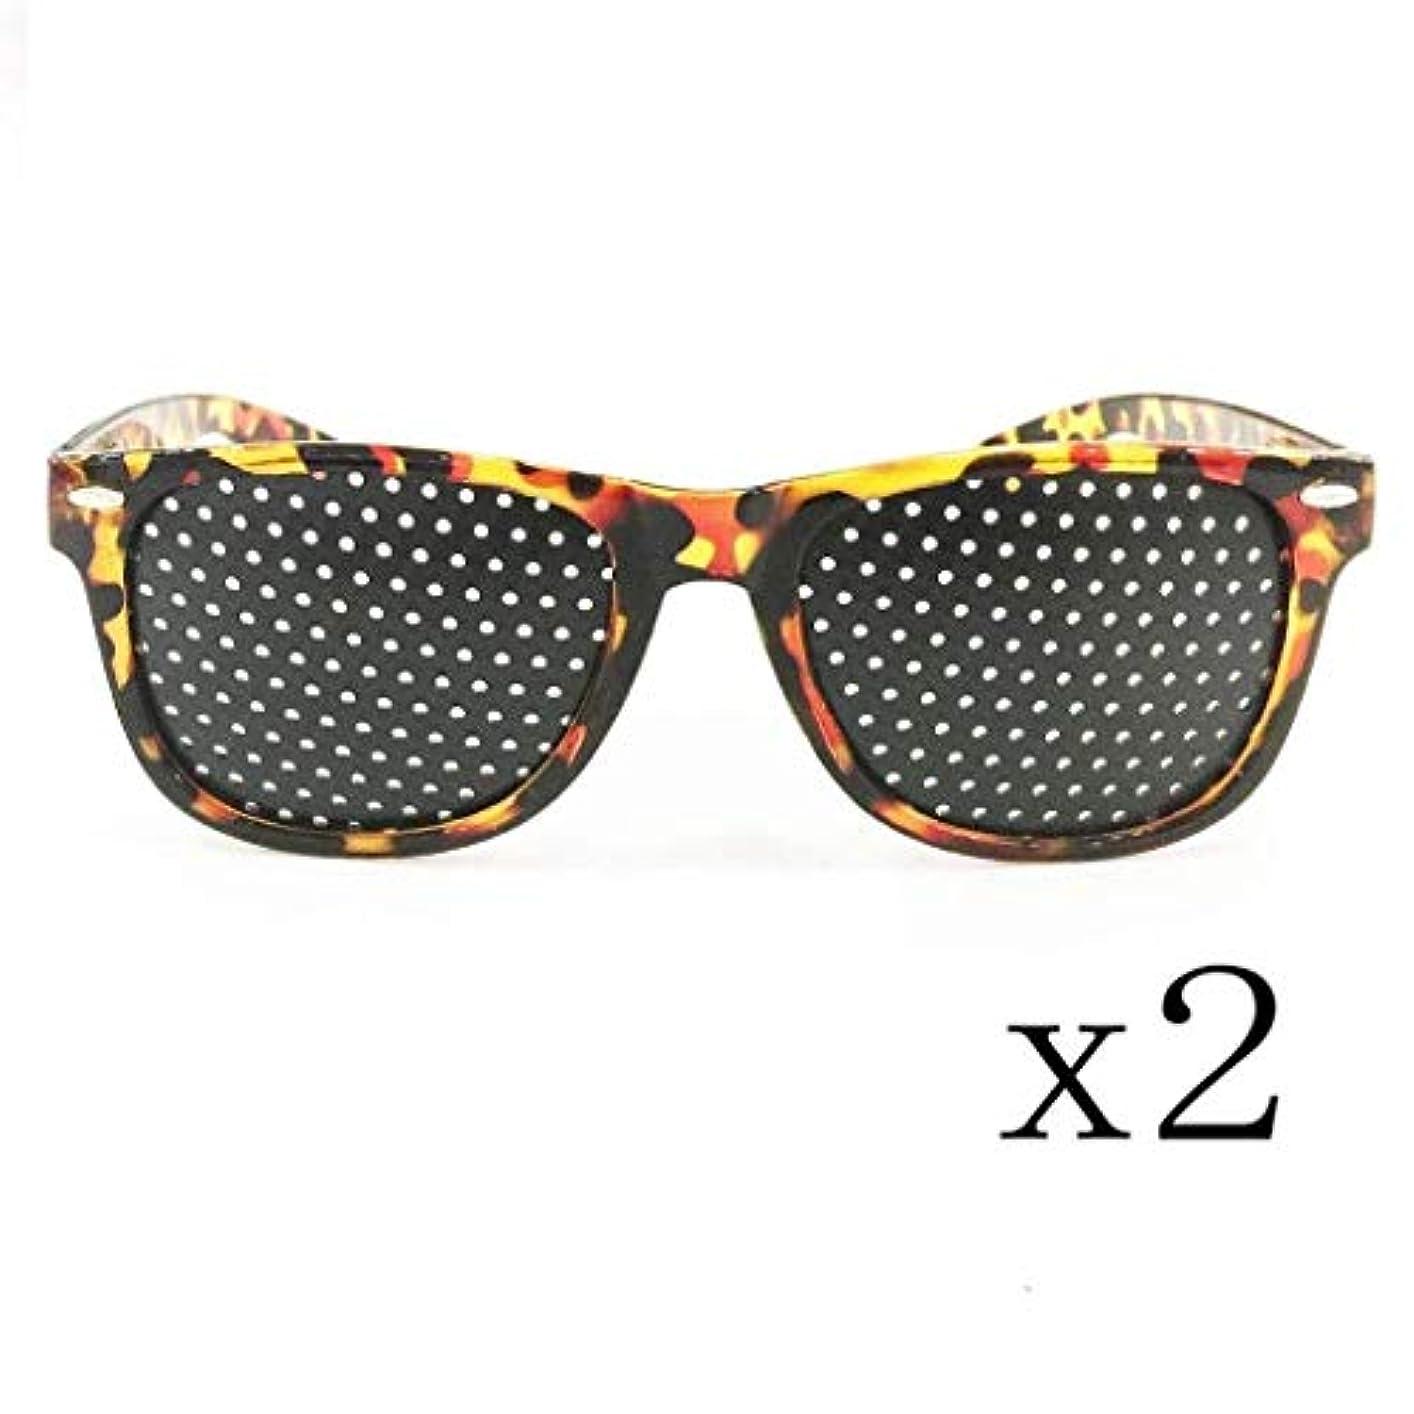 バックグラウンド肥満ブルーベルピンホールメガネ、アイズエクササイズアイサイトビジョンメガネの改善ビジョンケアメガネ近視の防止メガネの改善